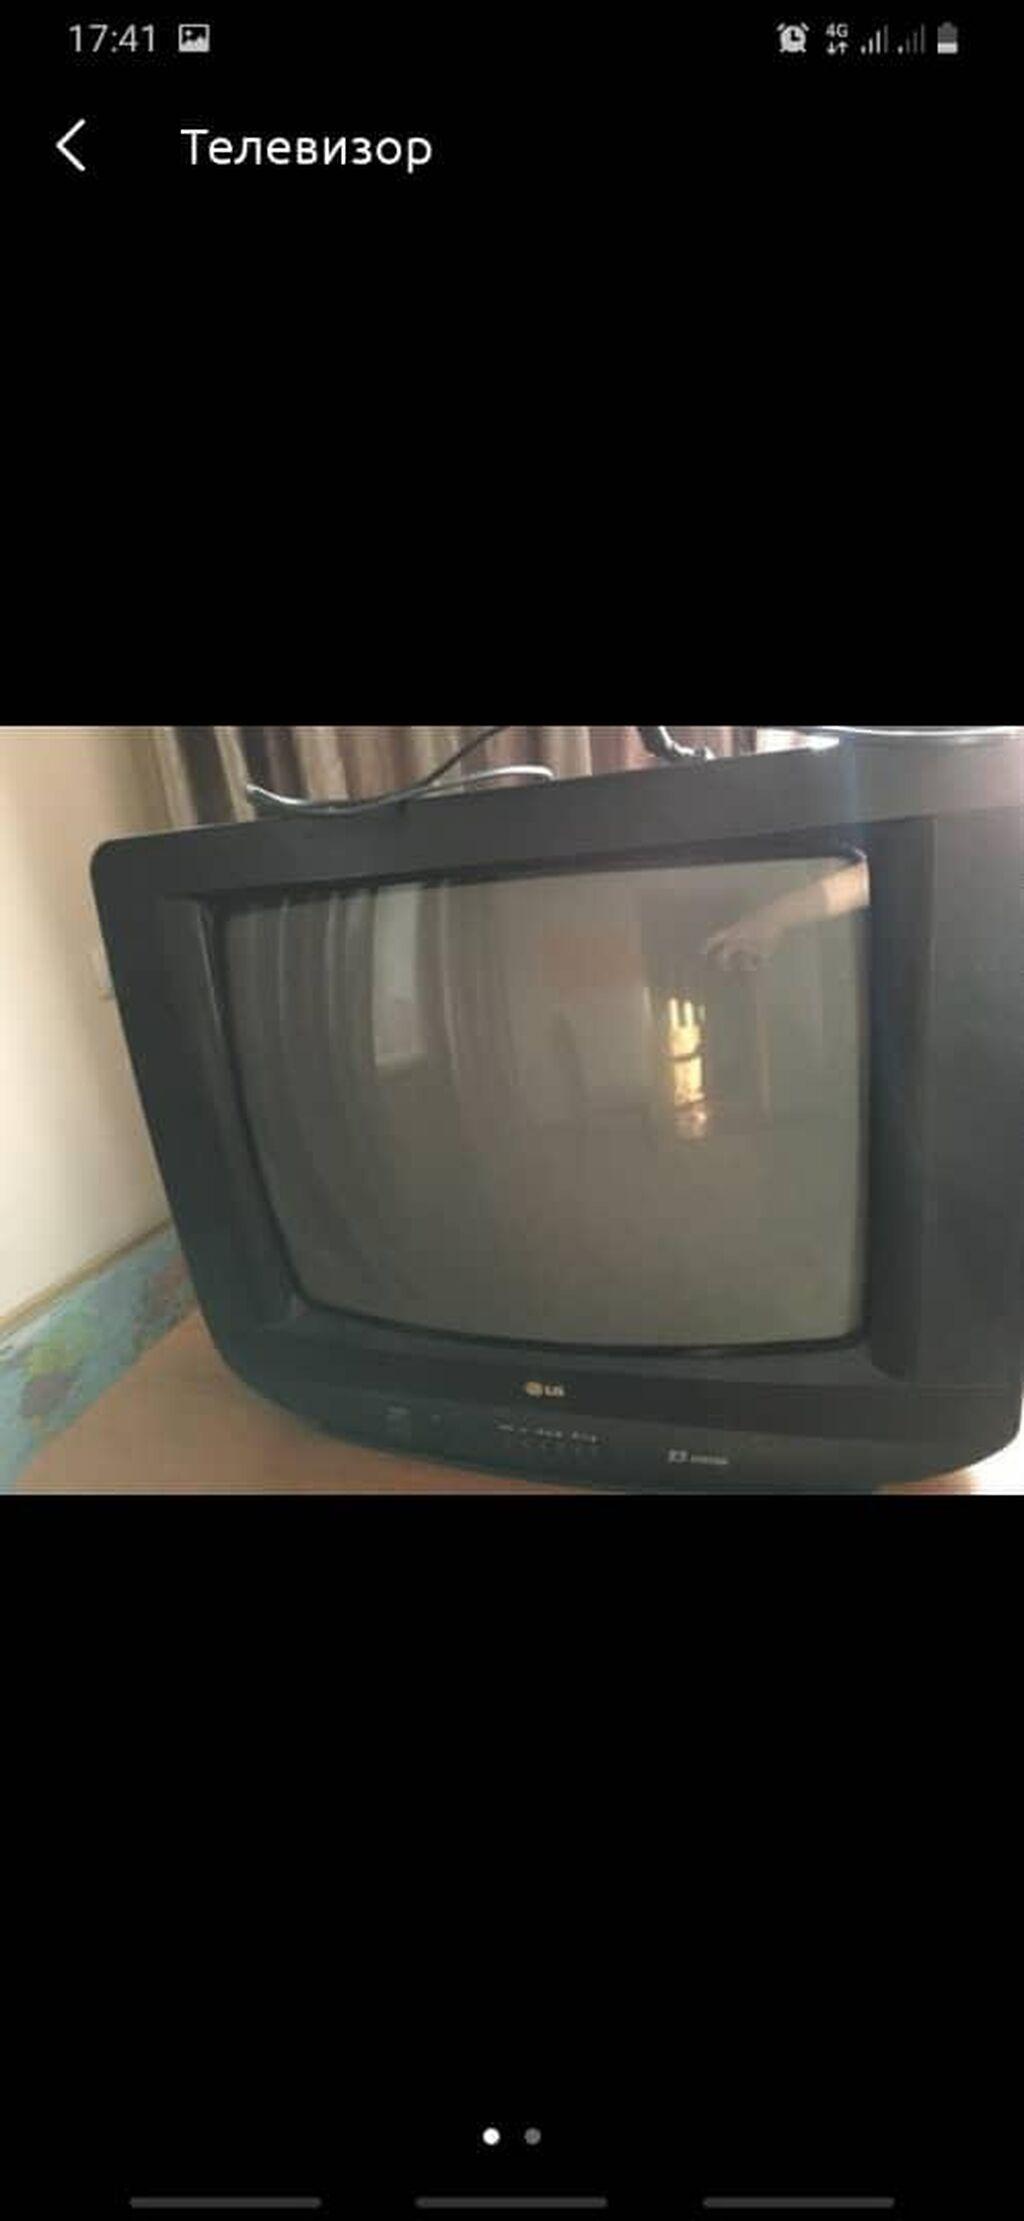 Телевизор LG работает отлично 1500сом